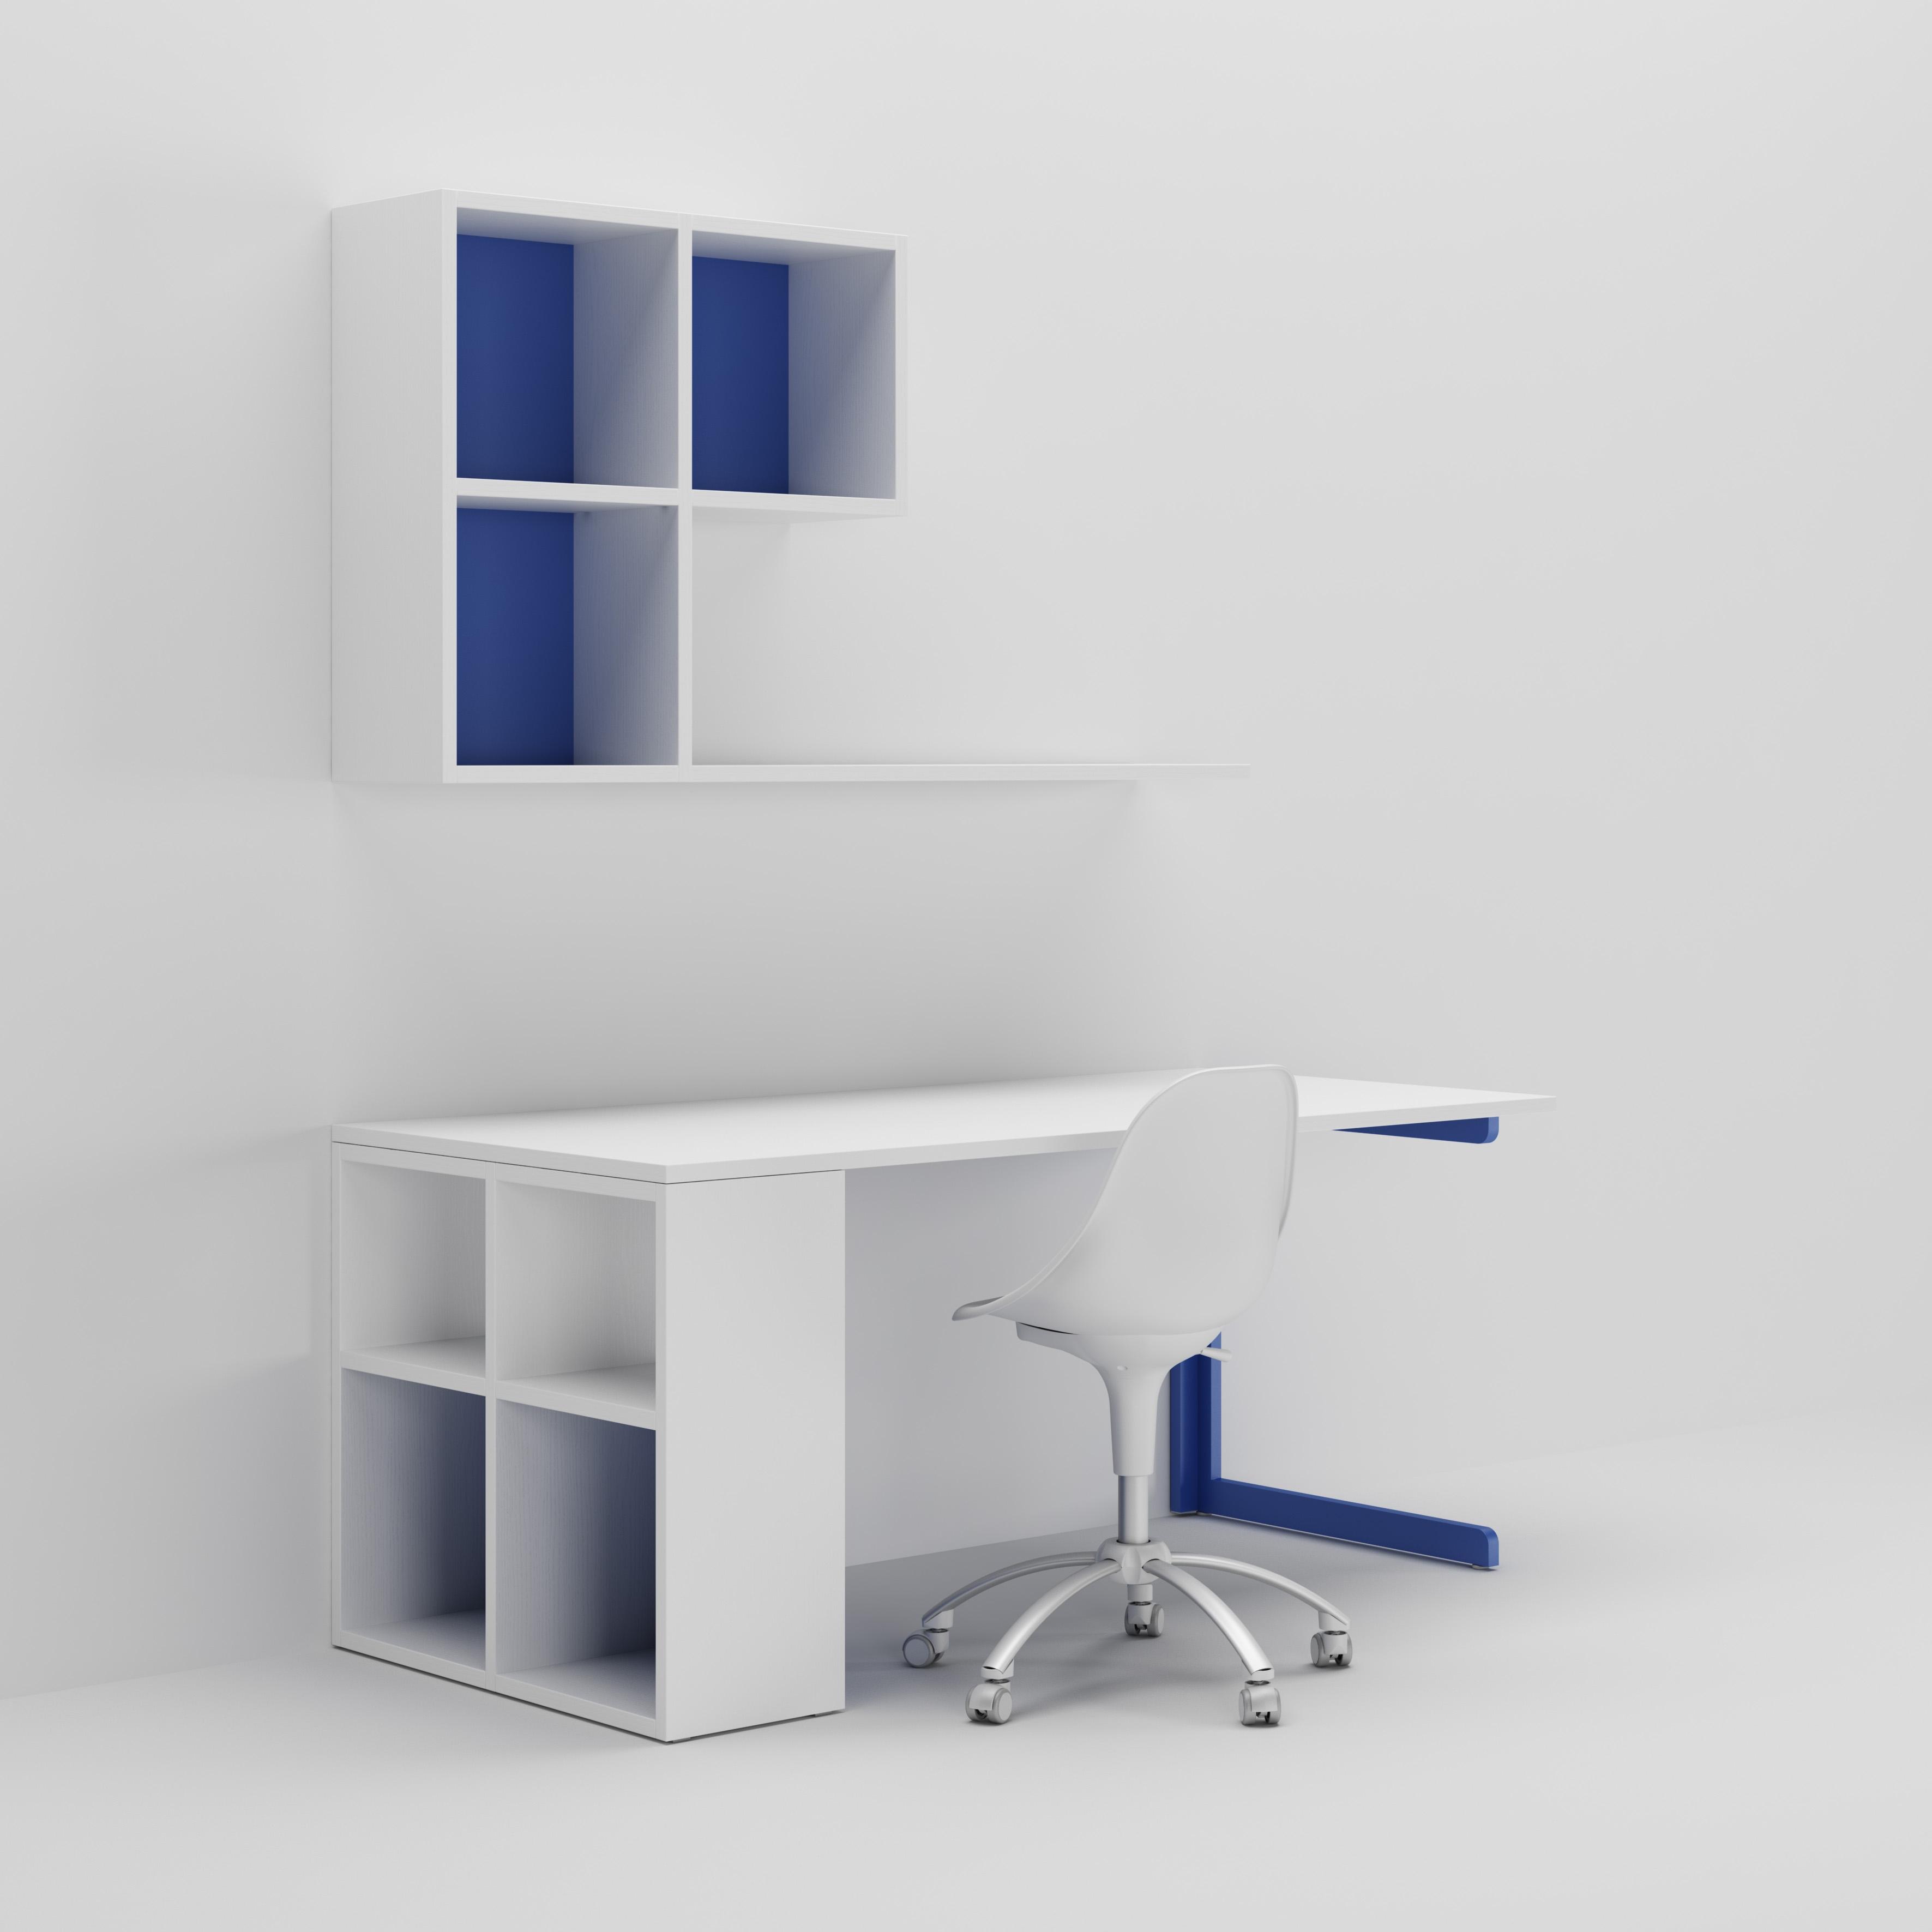 Bureau enfant avec niches avec fond color s moretti - Chambre enfant avec bureau ...